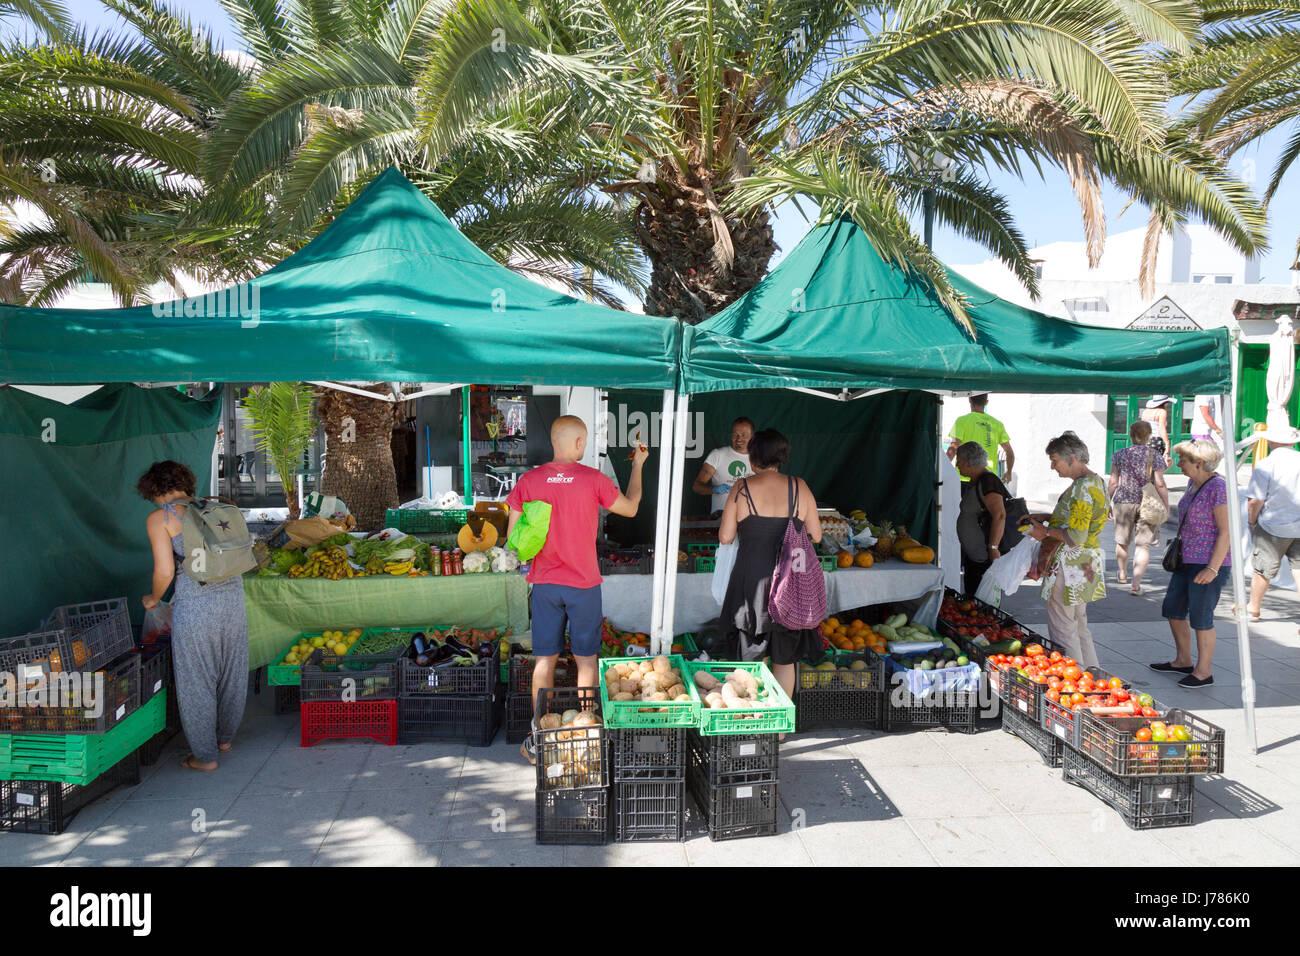 Kauf von Lebensmitteln auf dem Lanzarote Menschen; Costa Teguise, Lanzarote Kanarische Inseln Stockbild